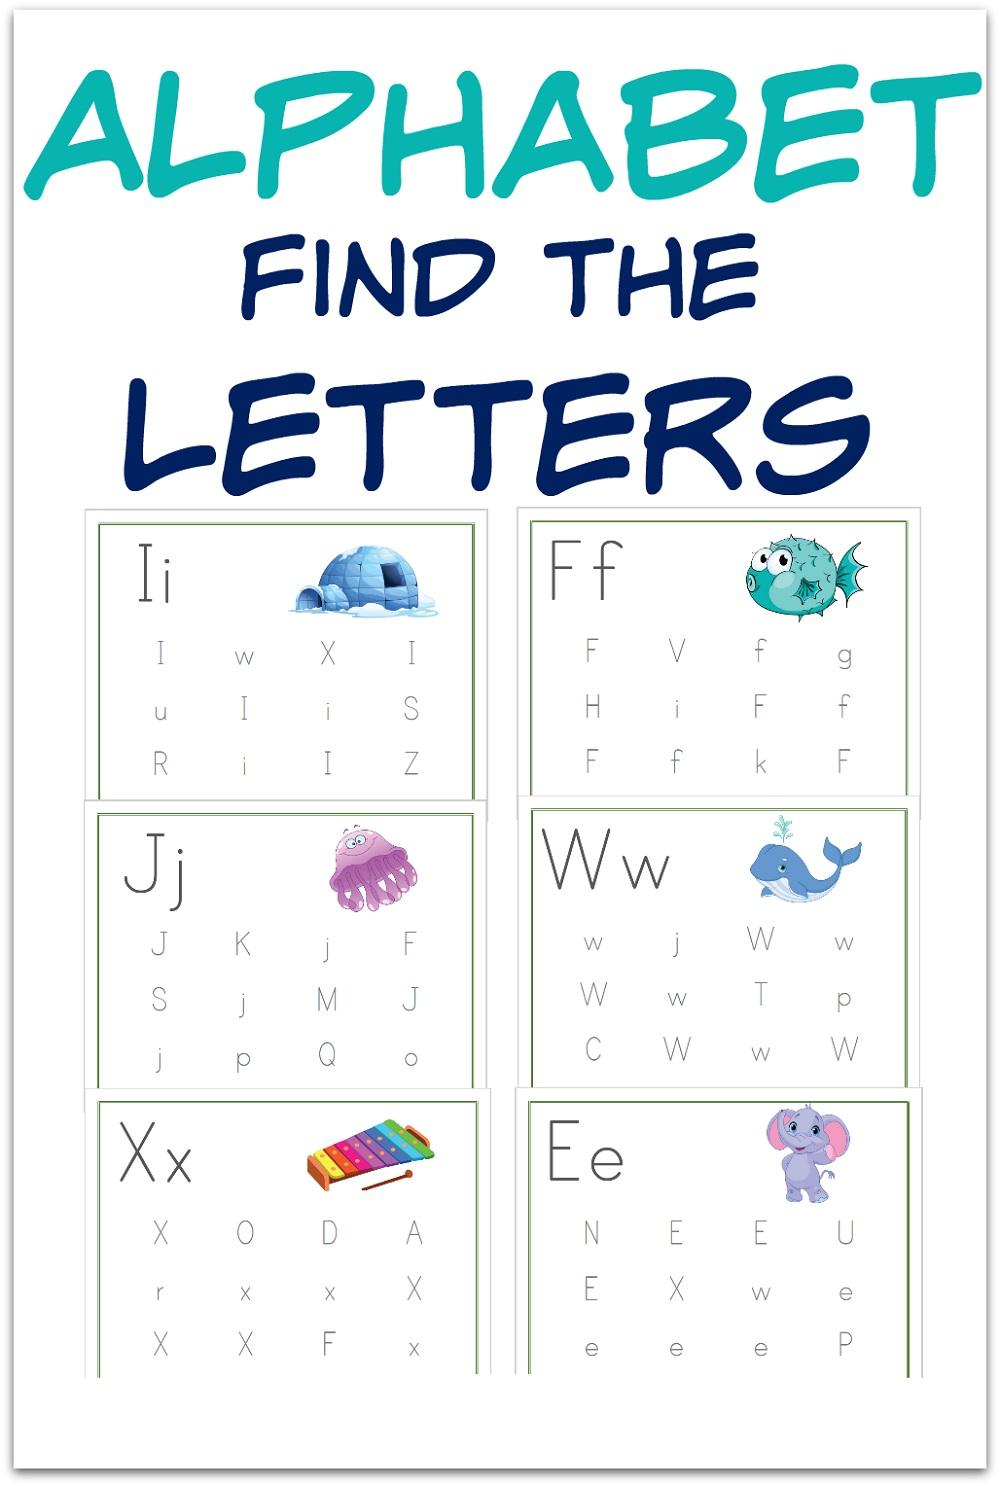 Alphabet Worksheets Free for Kids